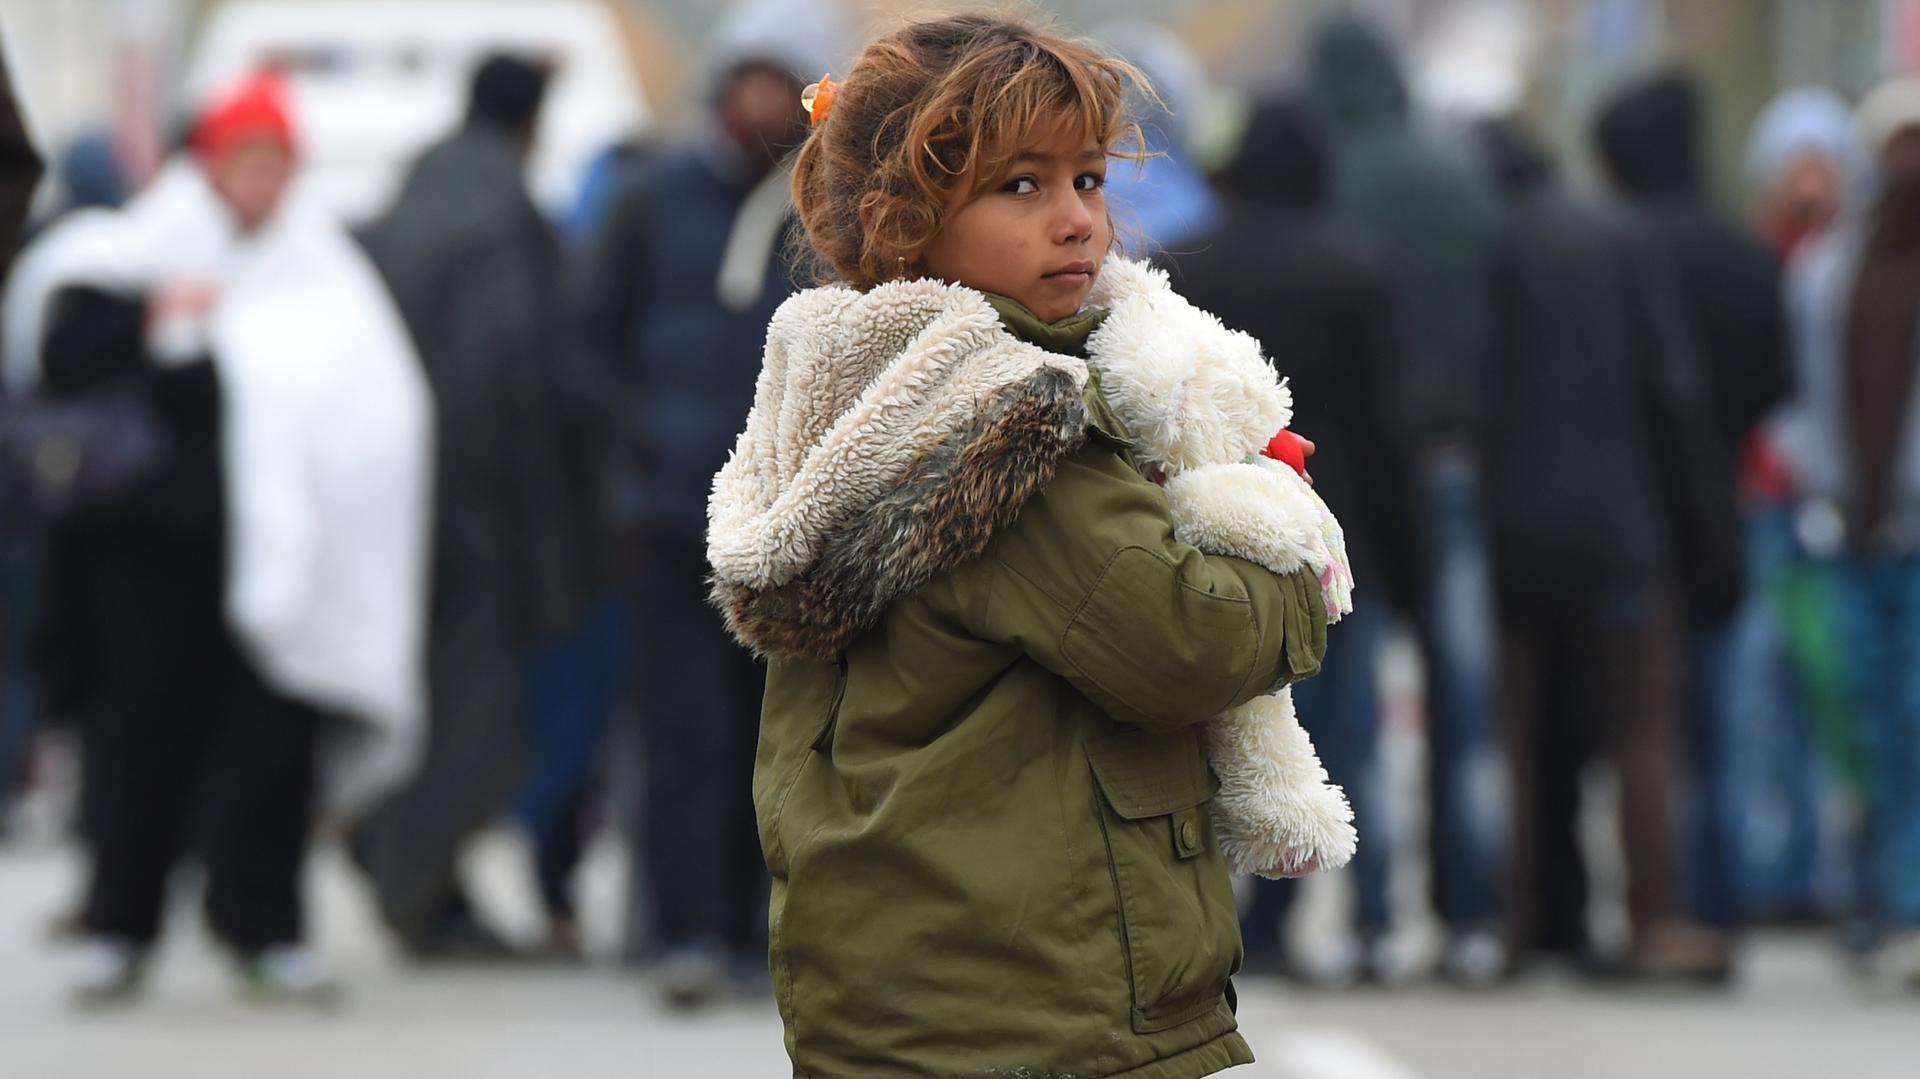 В австрийском городе молодым мигрантам запретили гулять ночью без присмотра